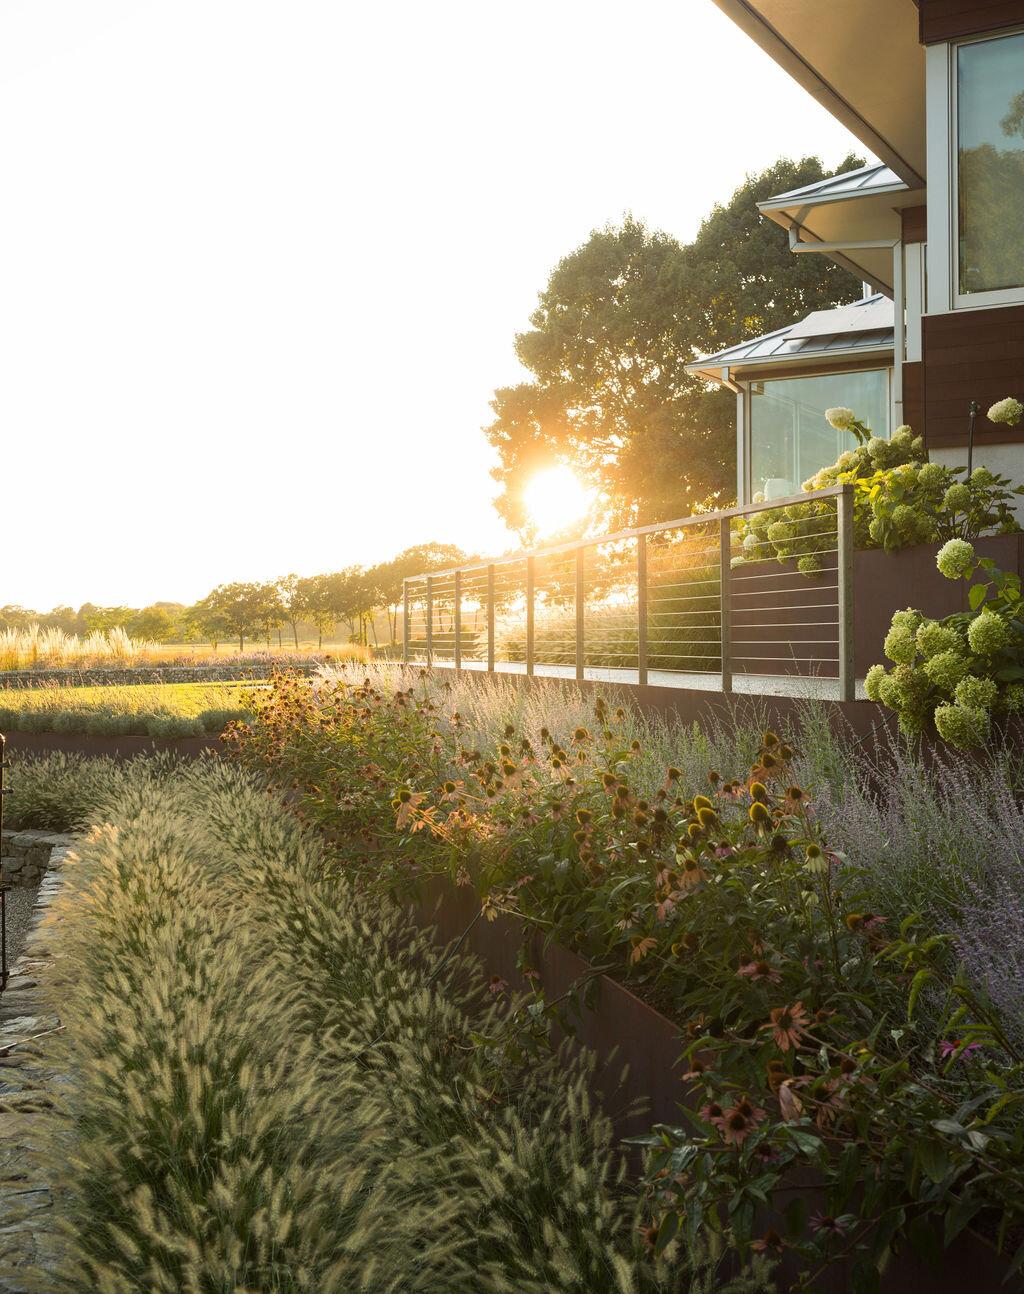 Artemis Landscape Architects